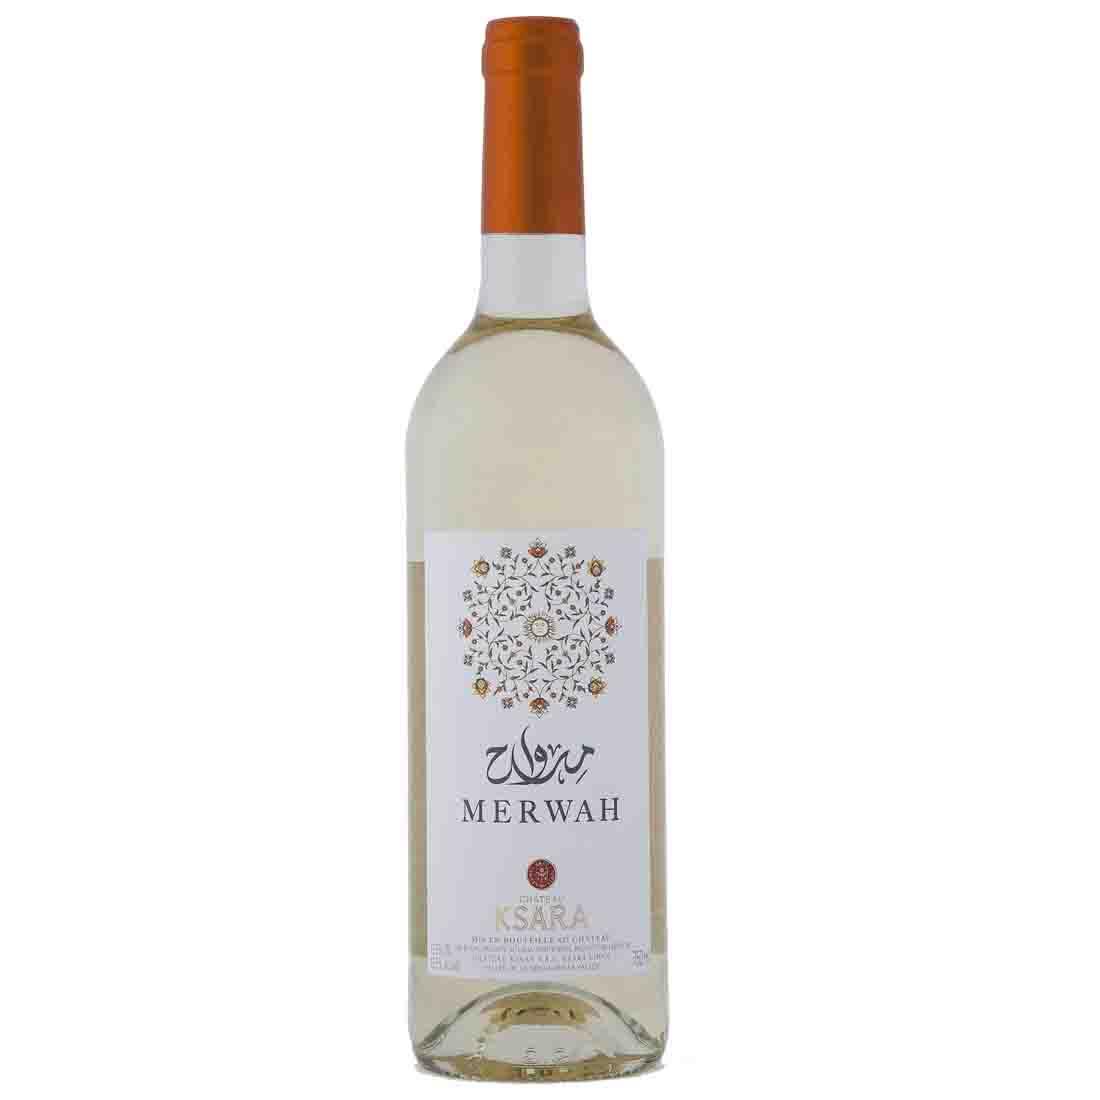 Chateau ksara best Lebanese white wine merwah old vines indigenous single variety bekaa valley